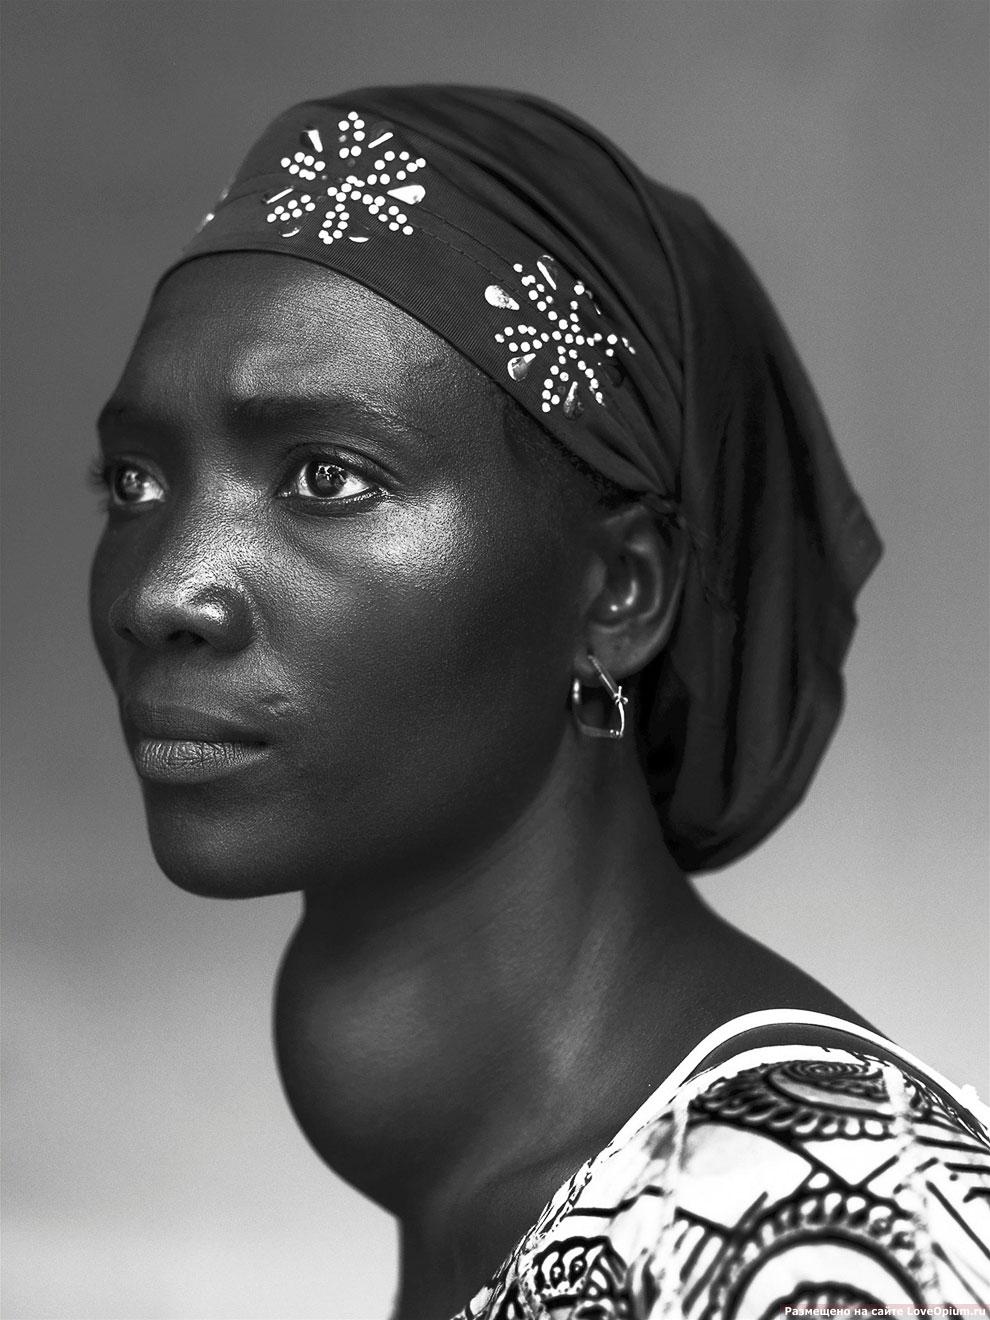 Портрет женщины с увеличенной щитовидной железой, Конакри, Гвинея, 17 октября 2012